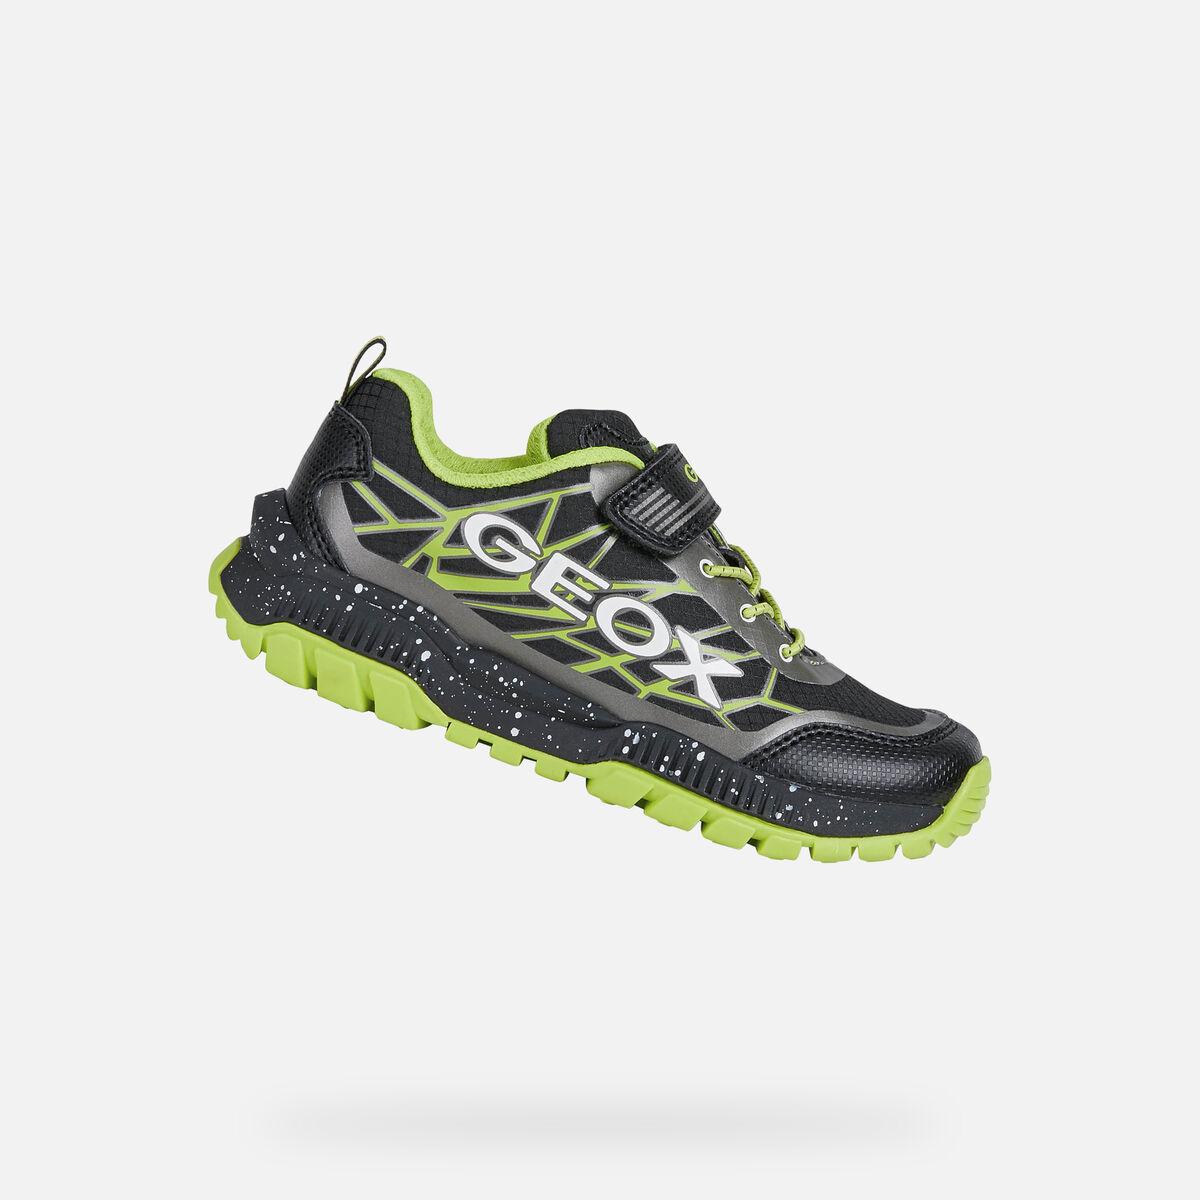 GEOX dětské boty TUONO BOY černé - zelené - J15AXB